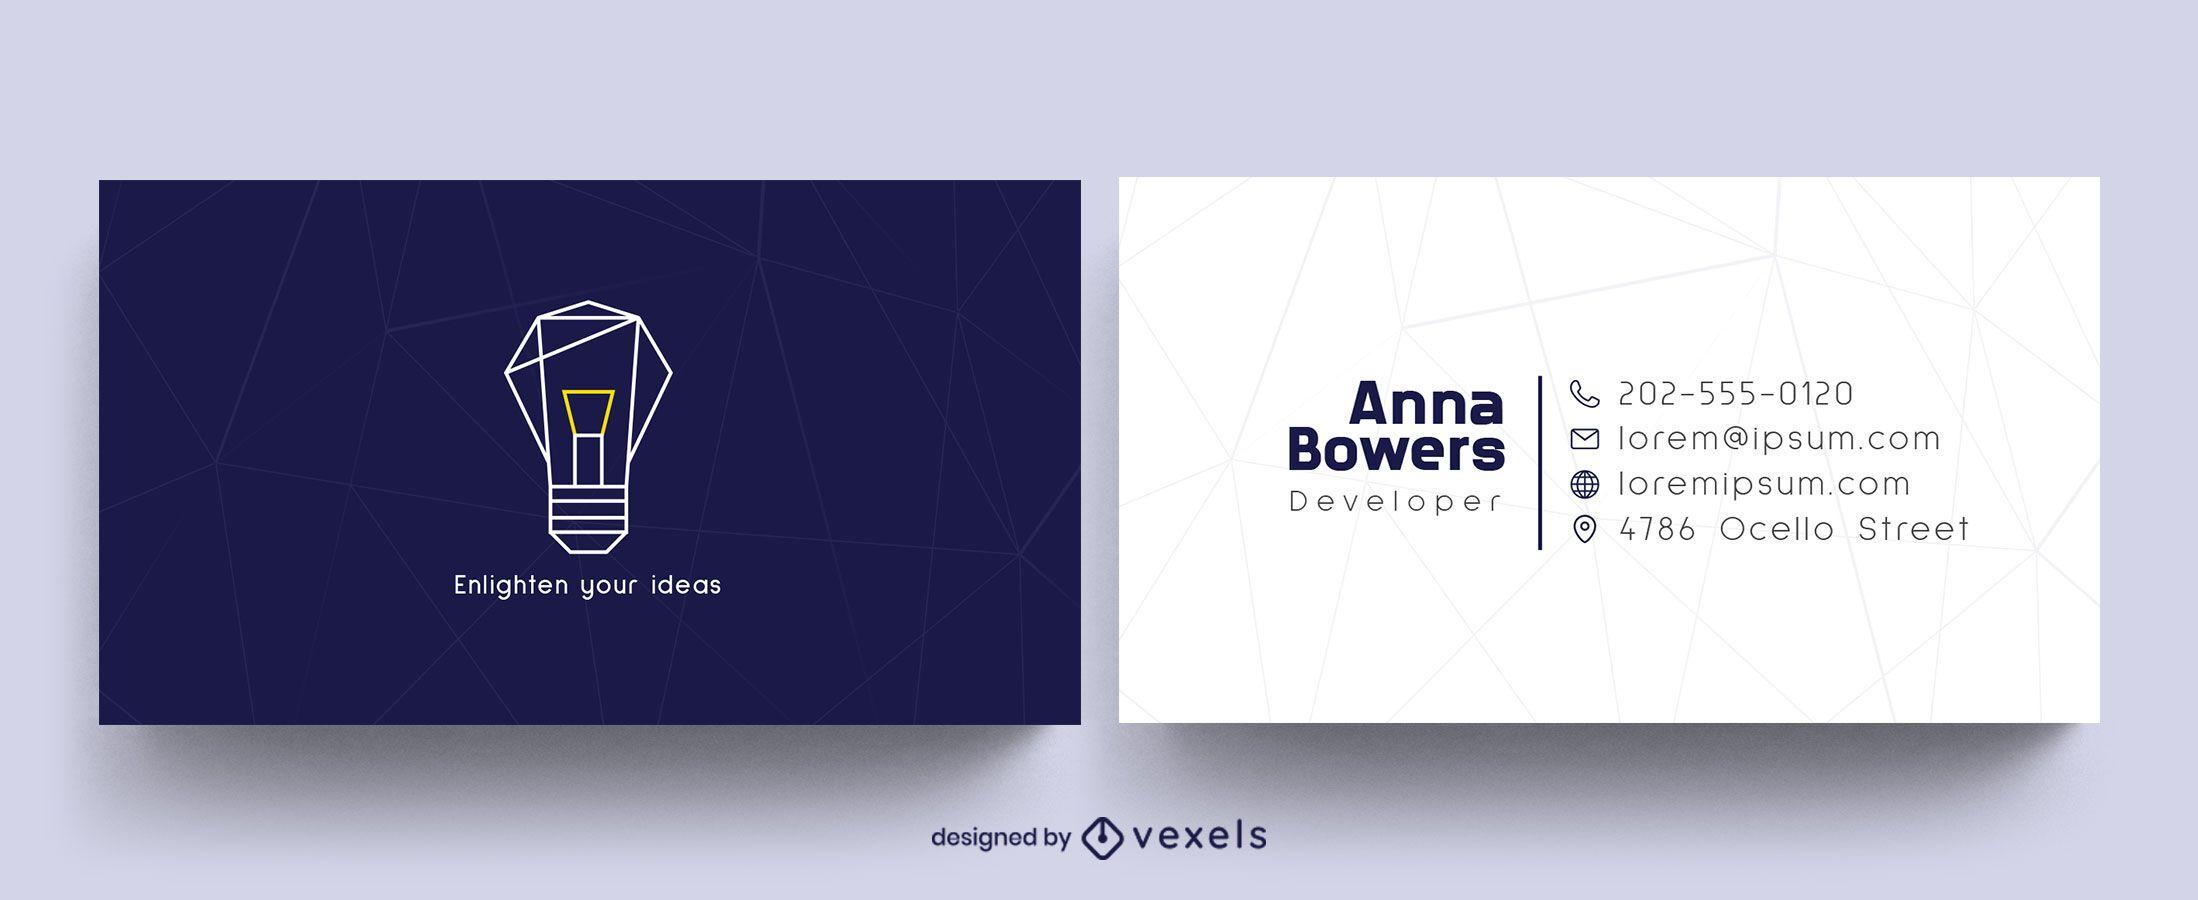 Diseño de tarjeta de presentación para desarrolladores